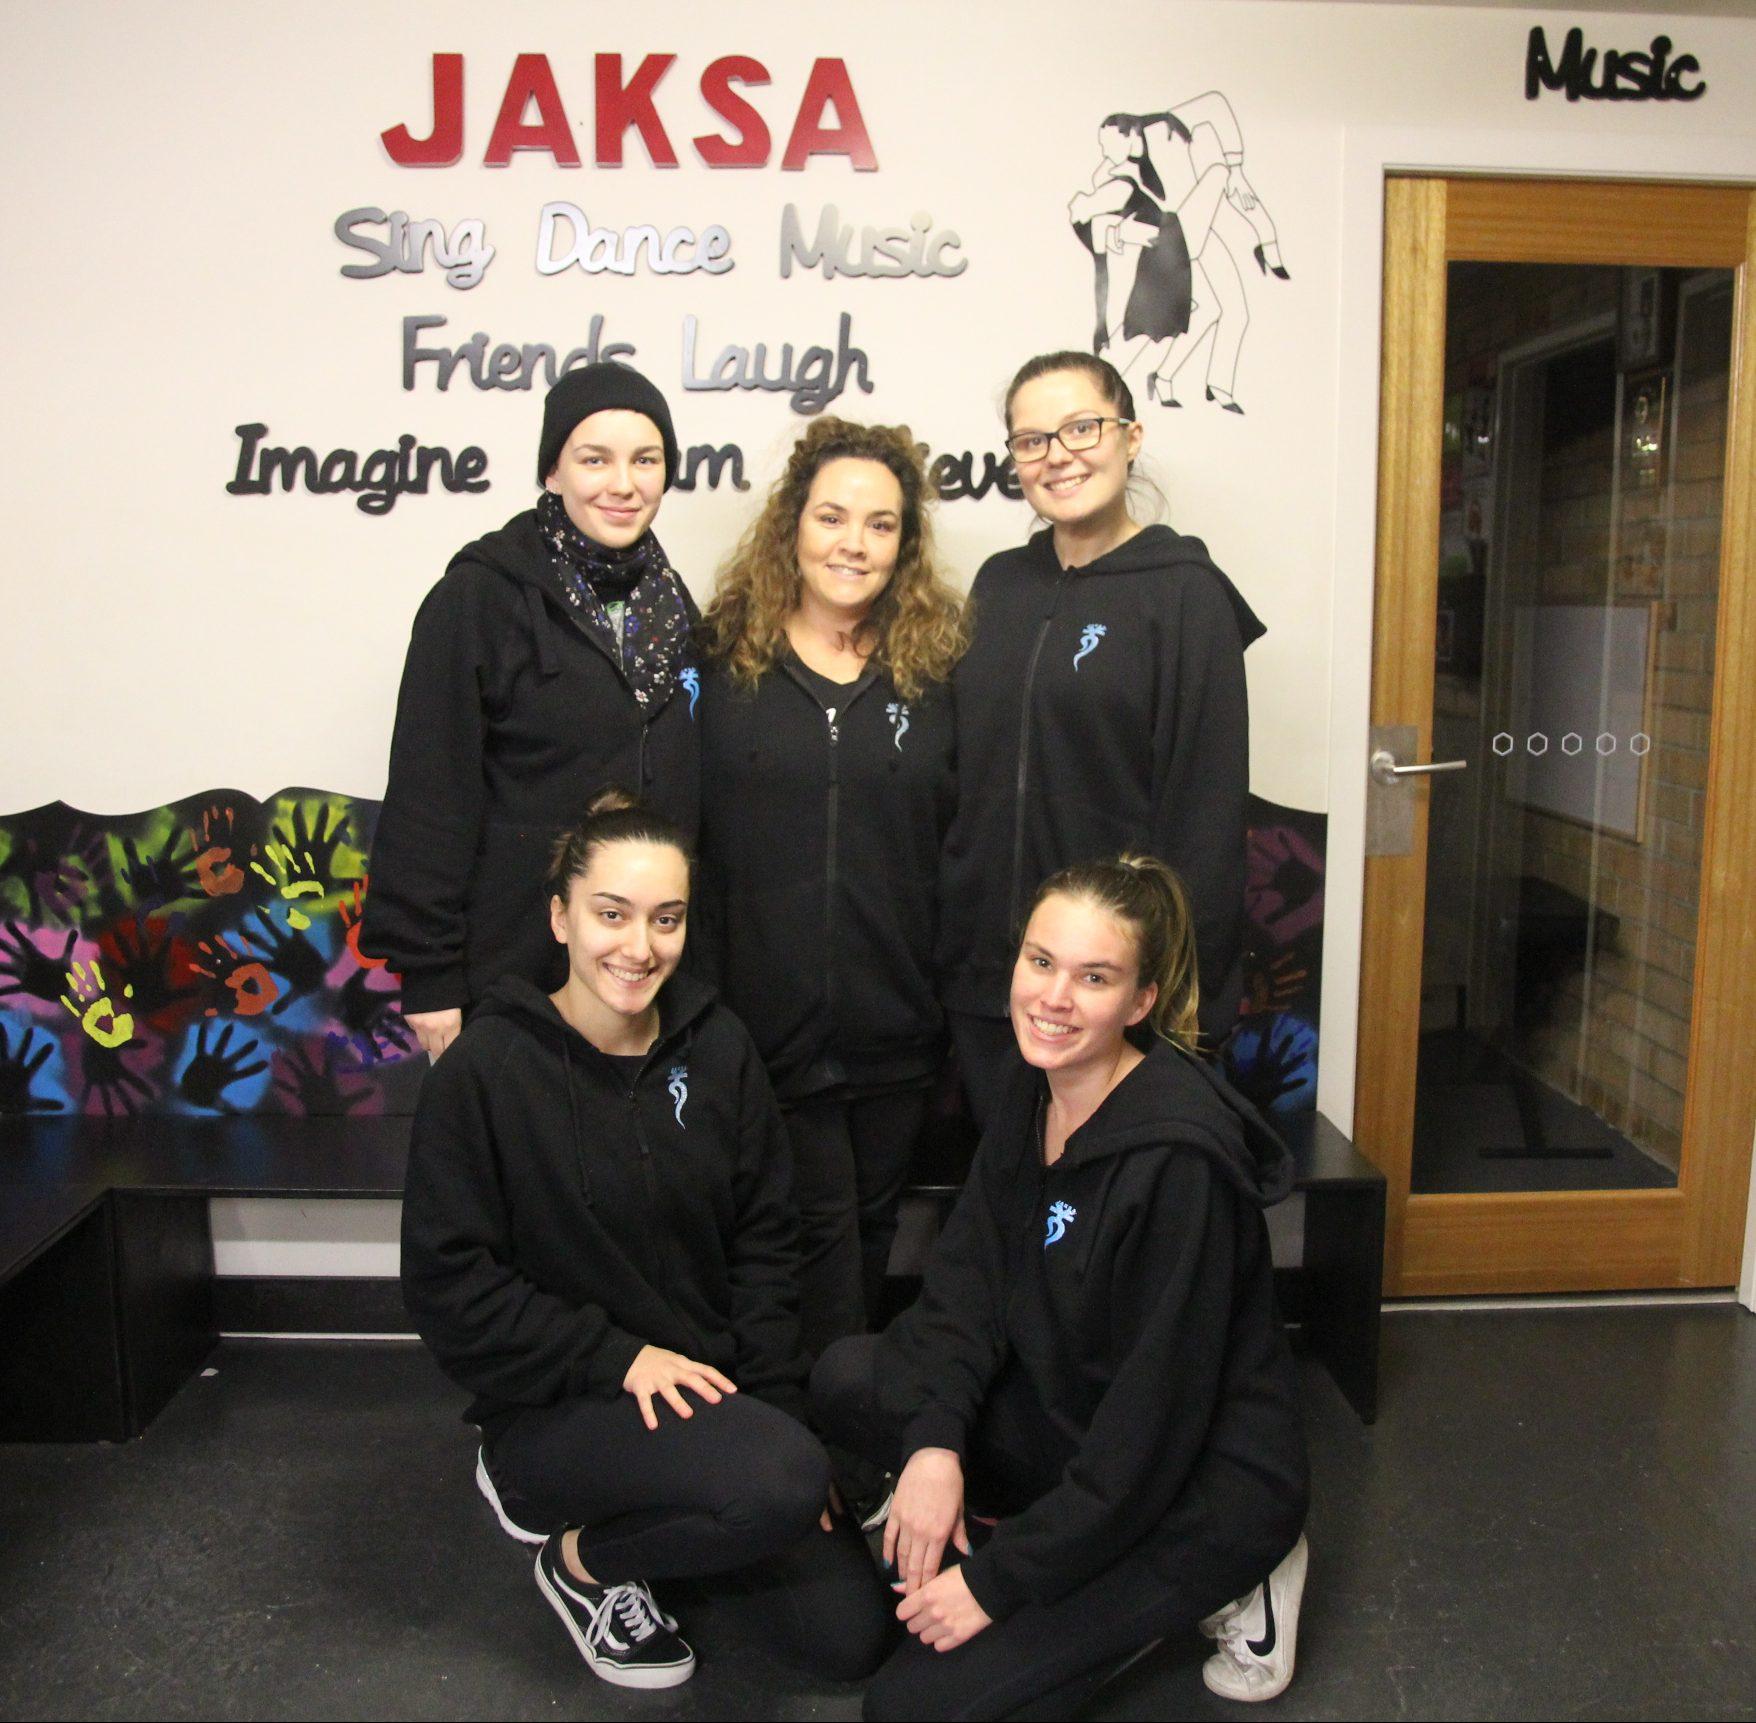 Image of JAKSA teachers of 2018